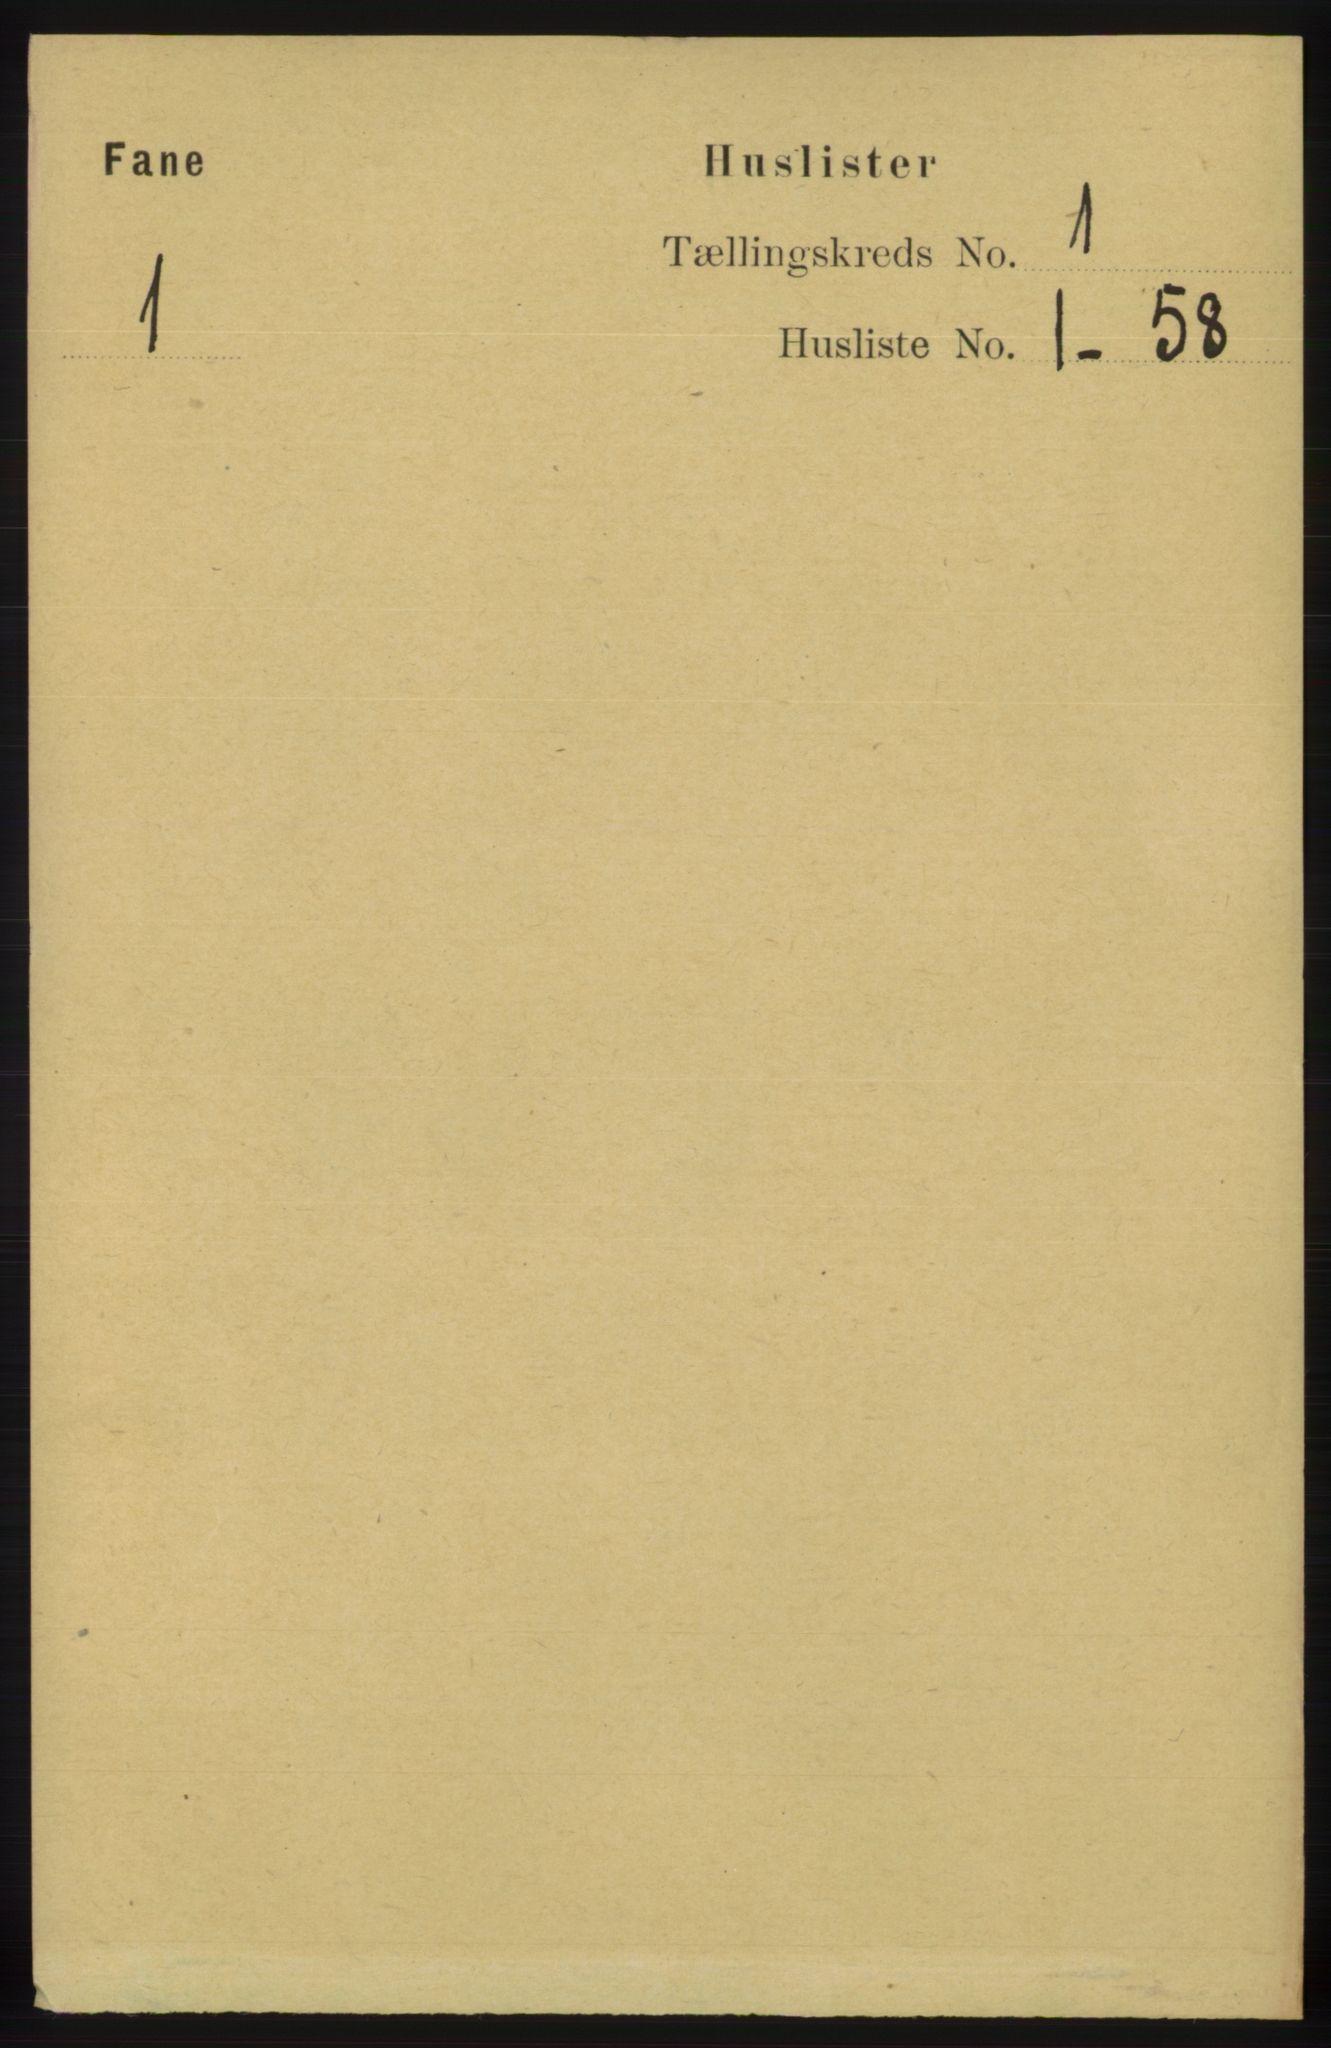 RA, Folketelling 1891 for 1249 Fana herred, 1891, s. 27